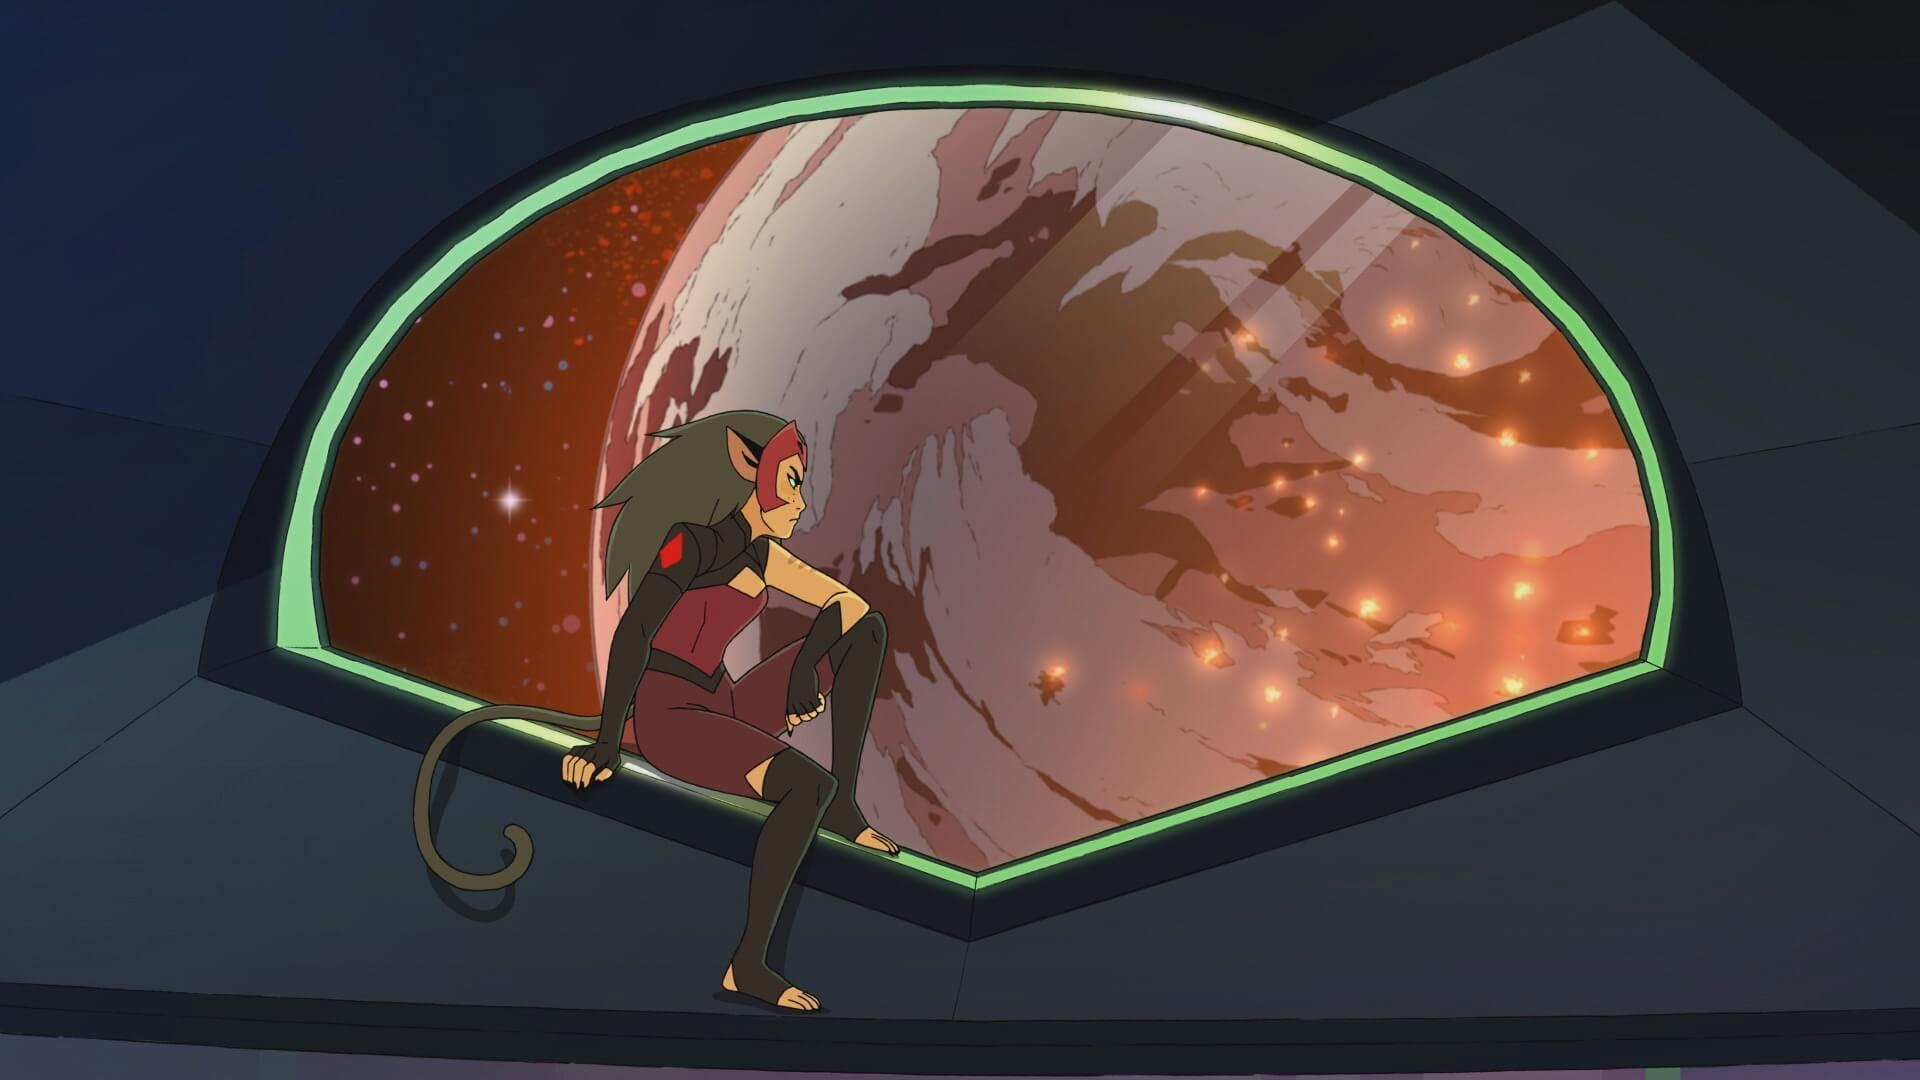 netflix she-ra season 5 review